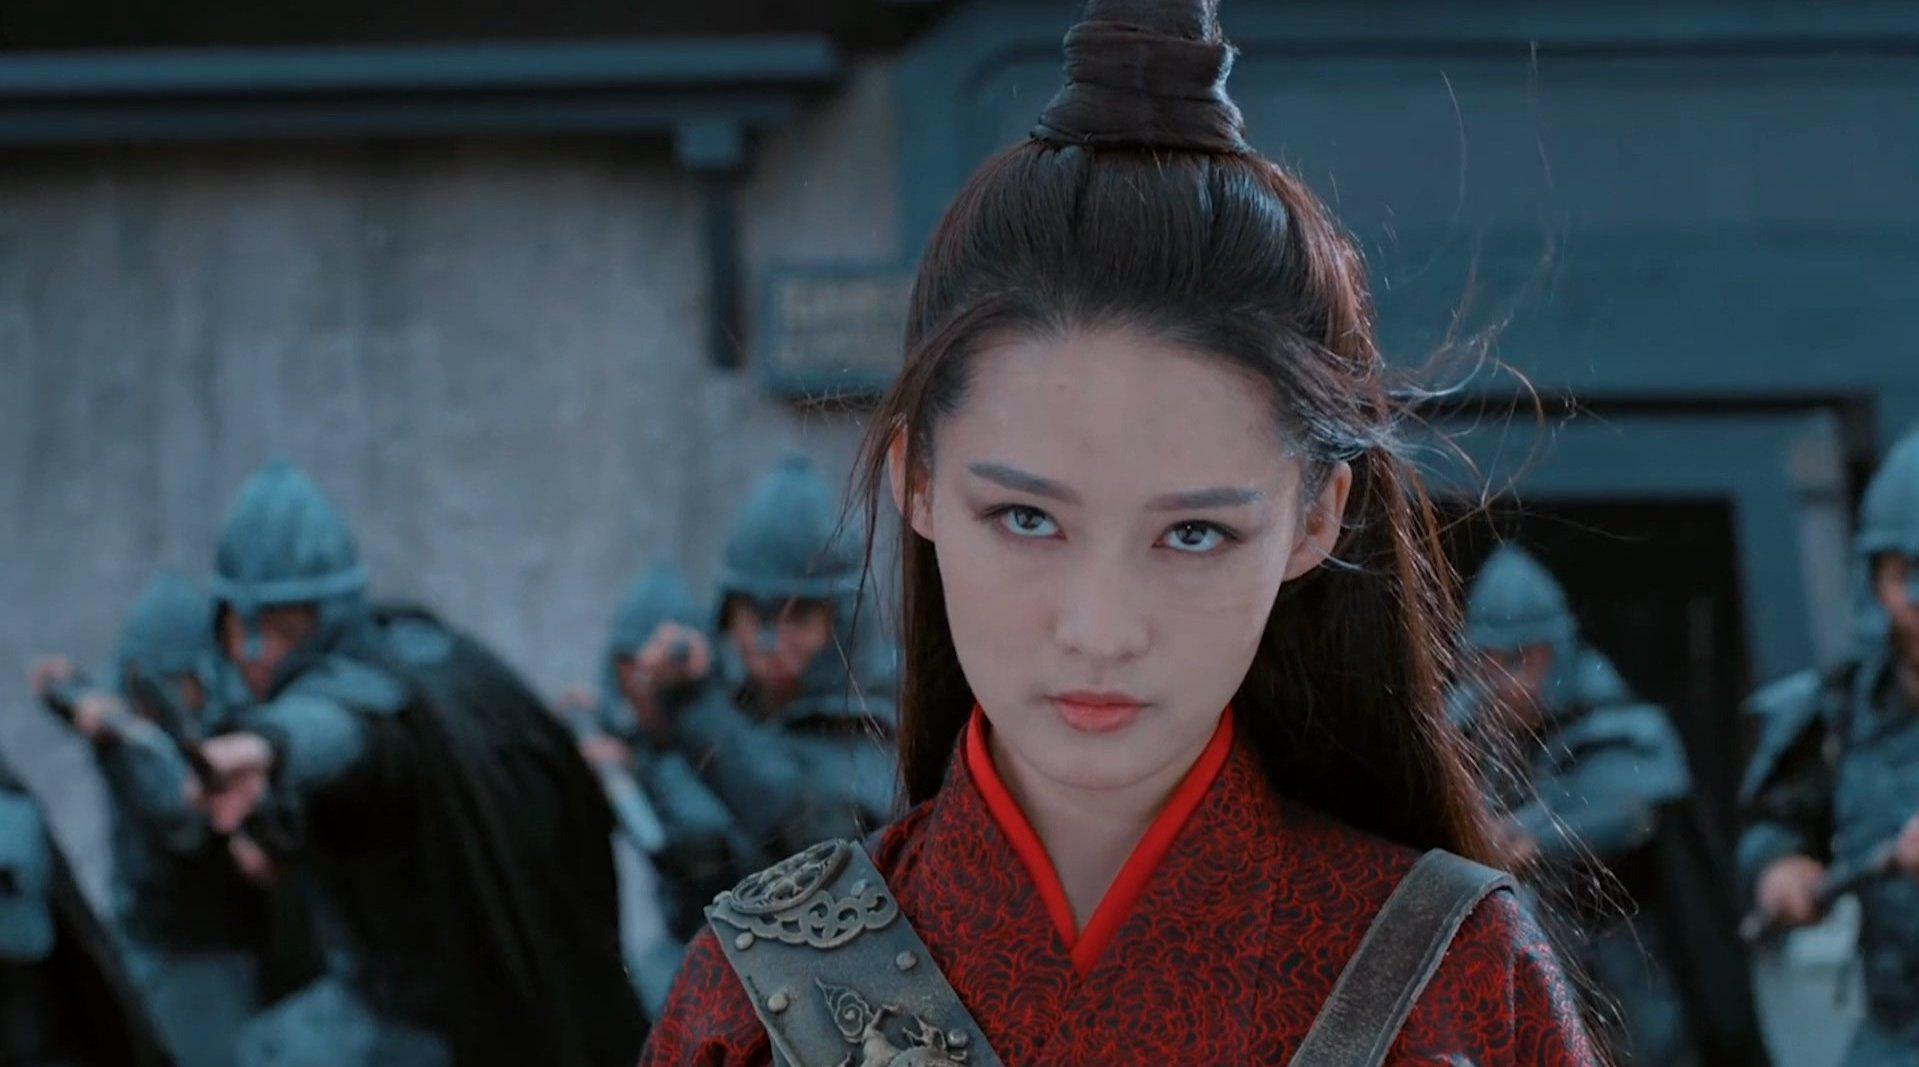 331 李沁:老娘从仙女蜕变成魔鬼只需一秒,这个眼神真的太飒了